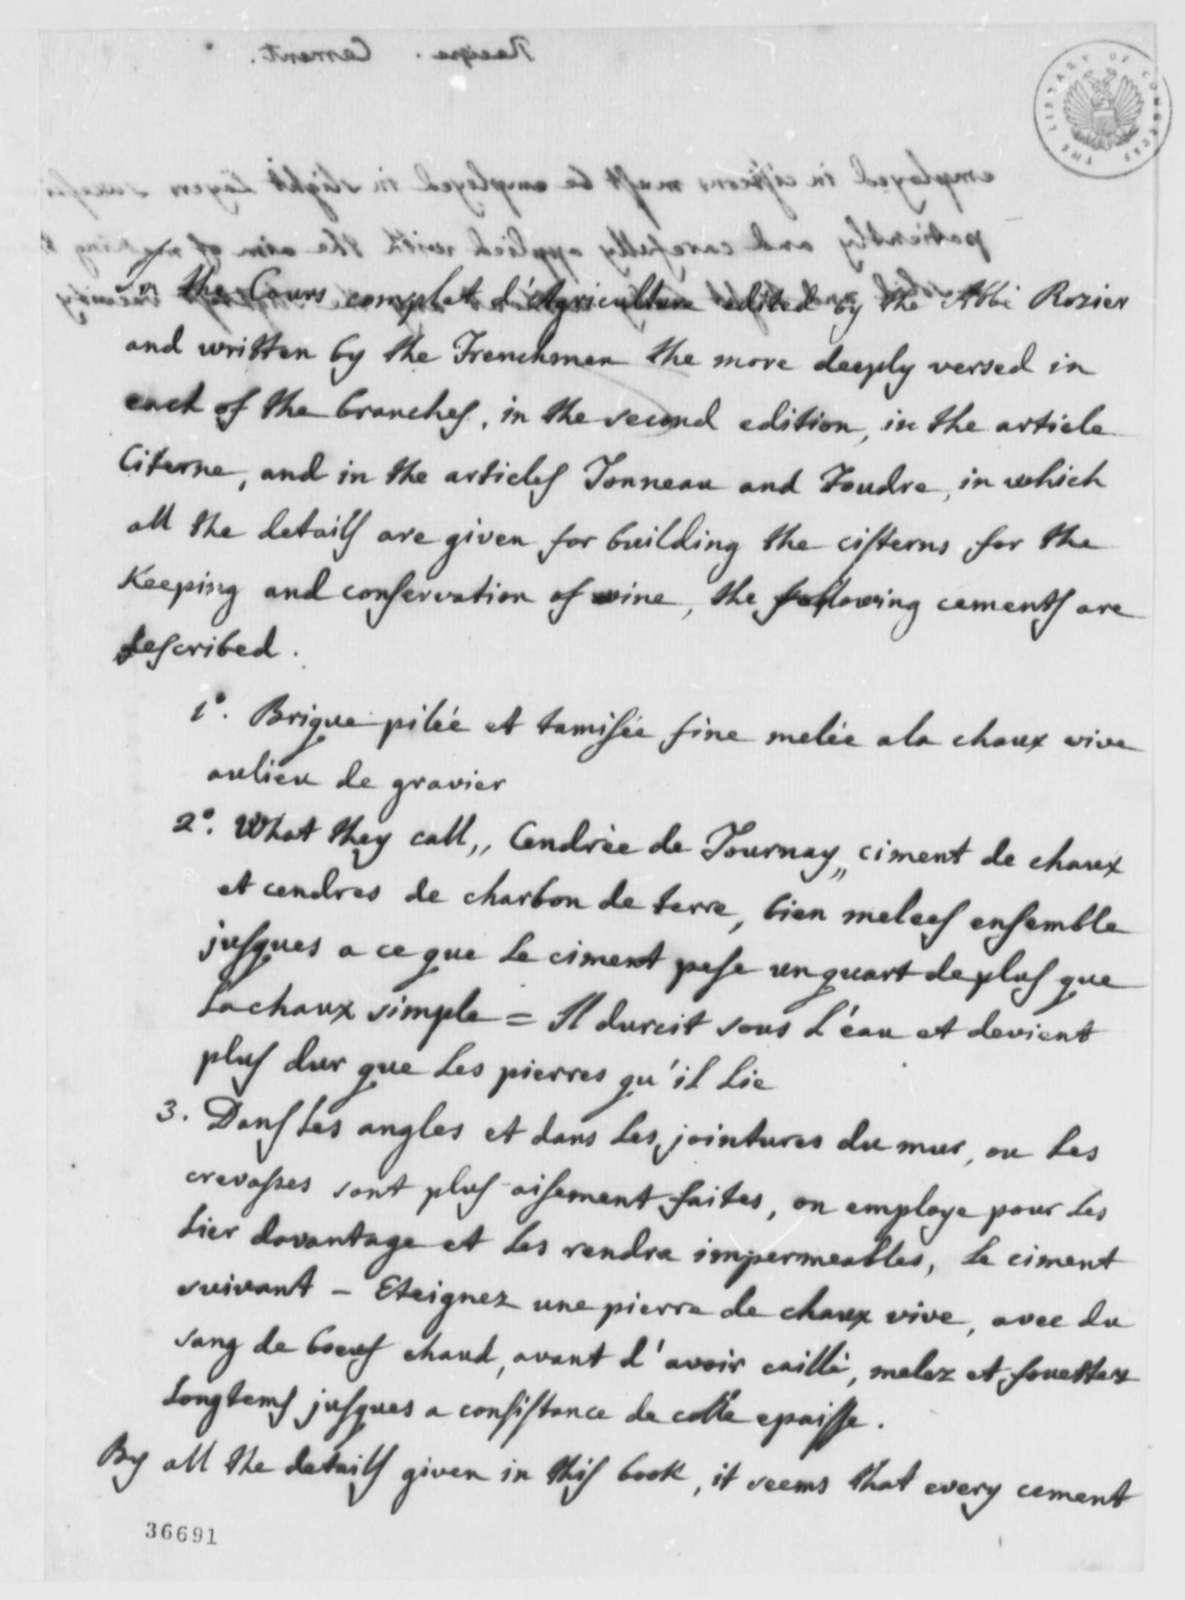 Jose Correa da Serra to Thomas Jefferson, February 12, 1816, and Cement Recipe in French